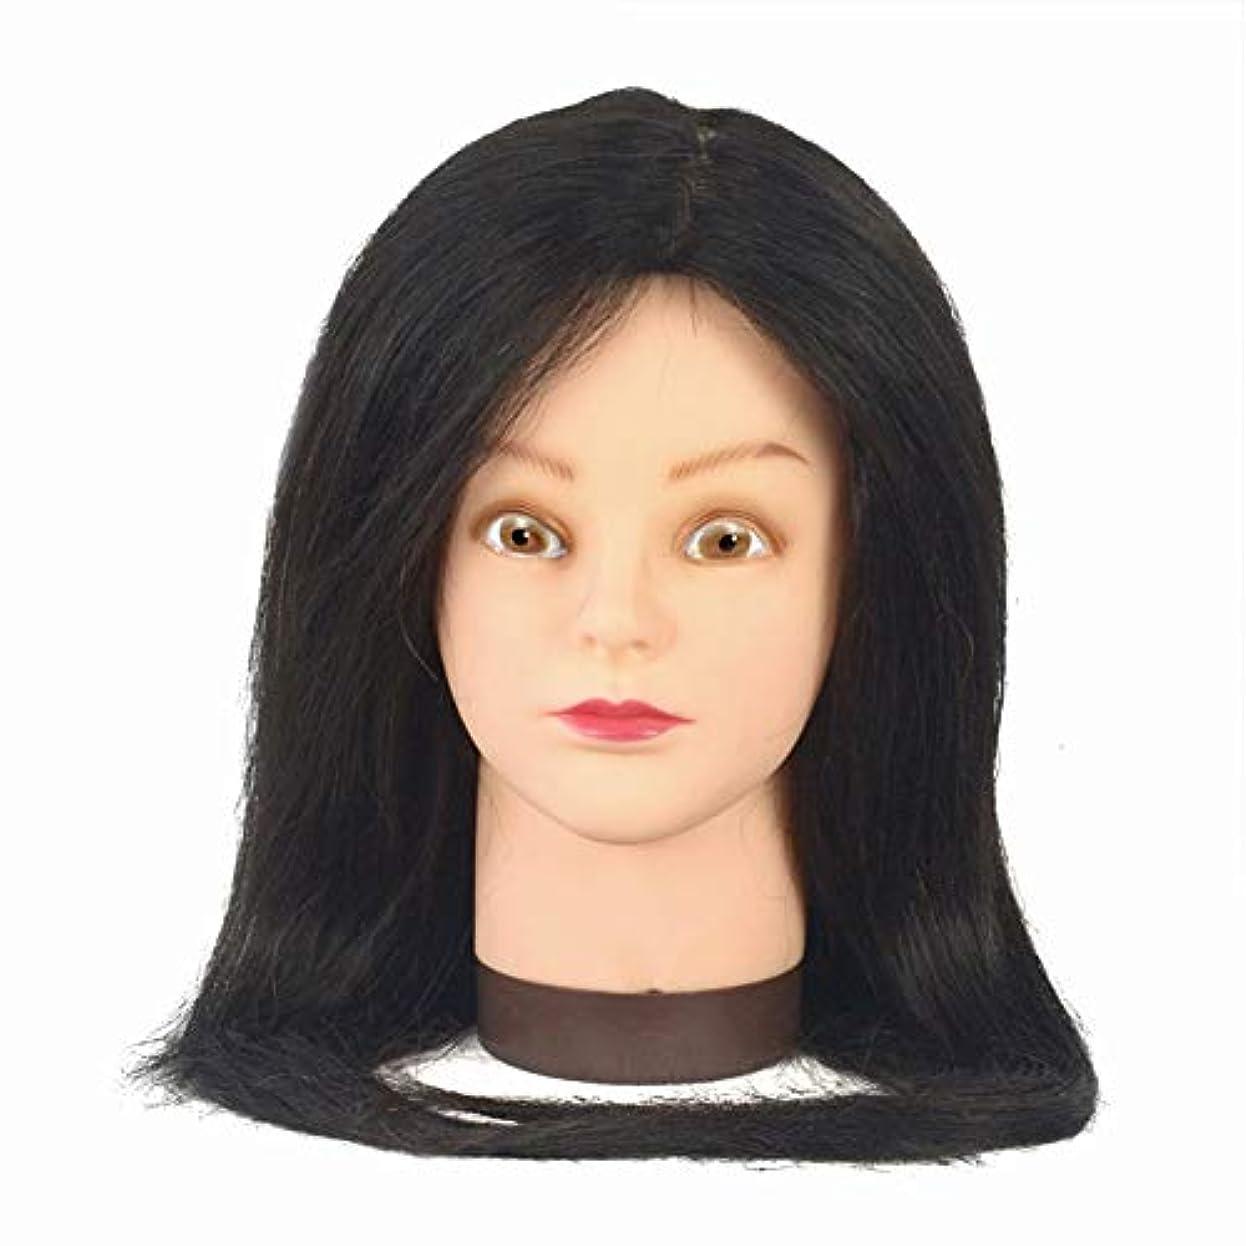 重量道徳教育ママ80%リアル人間の髪モデルヘッドサロン学習吹くことができますパーマ髪染めダミーヘッド編集ヘア練習ヘッドモデル,Black